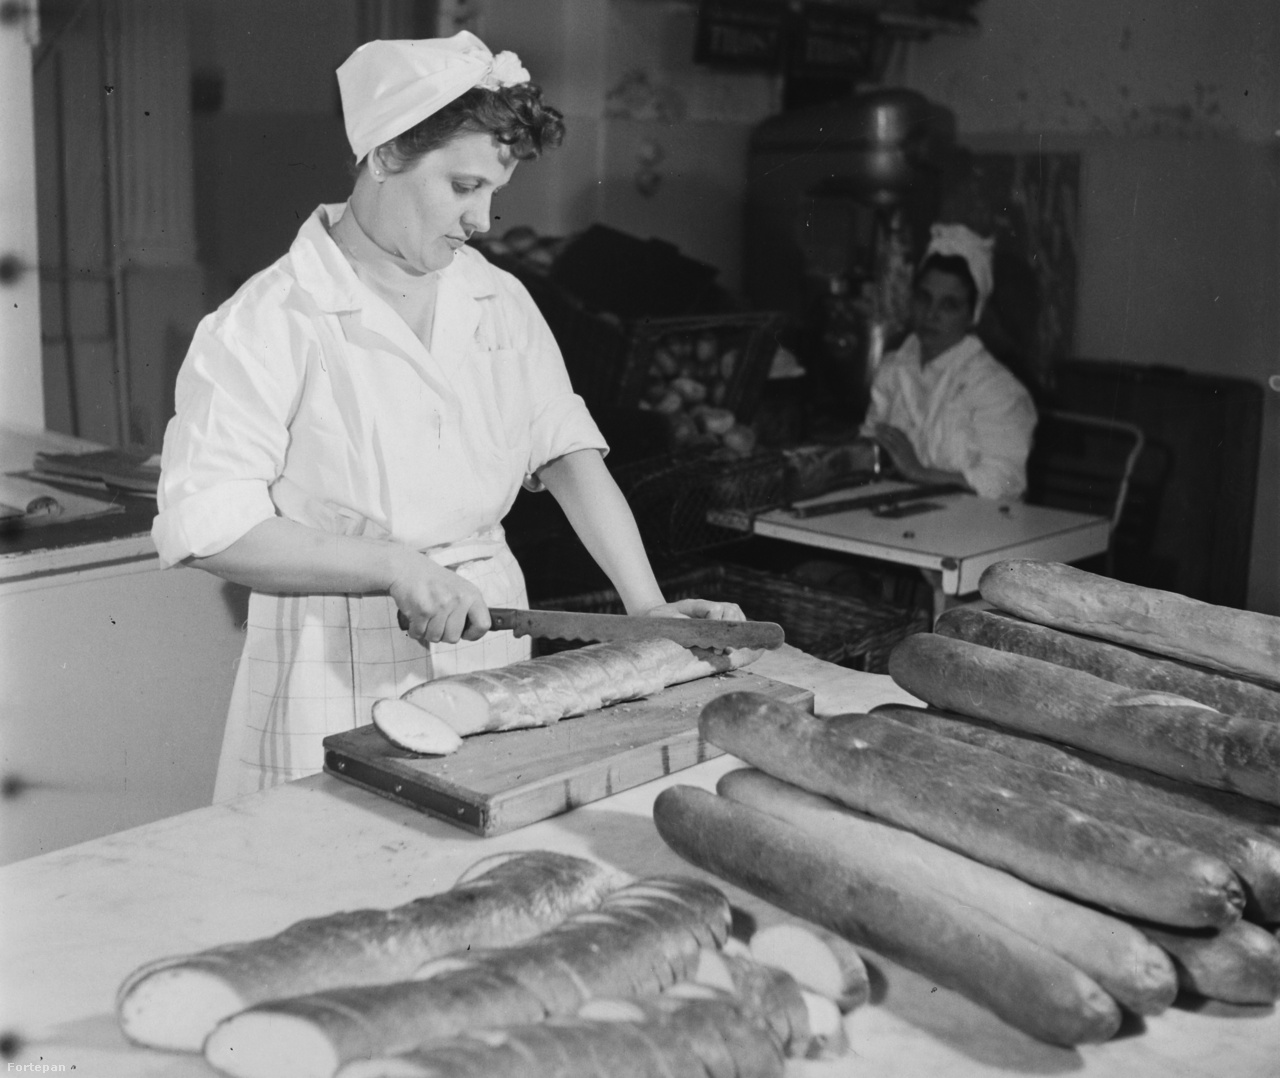 A Százados úti kenyérgyárban 1960-tól egy újításnak köszönhetően a leselejtezett zsemleformázó gépekből zsúrkenyér gömbölyítésére alkalmas gépeket szerkesztettek. Addig kézi erővel 3 perc alatt két zsúrkenyér készült, az új géppel háromszor annyit, 6 darabot lehetett gyártani. Szükség is volt rá, hiszen a Sütőipari Vállalatnál 1957-ben a napi 180 mázsa fehérkenyér és 45 mázsa péksütemény mellett csak 6 mázsa zsúrkenyér készült. Pedig a vendégváró háziasszonyok nagyon kedvelték, ferdén, egyenlő vékonyságú szeletekre felvágva megfelelő anyagokkal és módon díszítve készítettek belőle szendvicset, tojáspástétommal, körözöttel, gépsonkával.